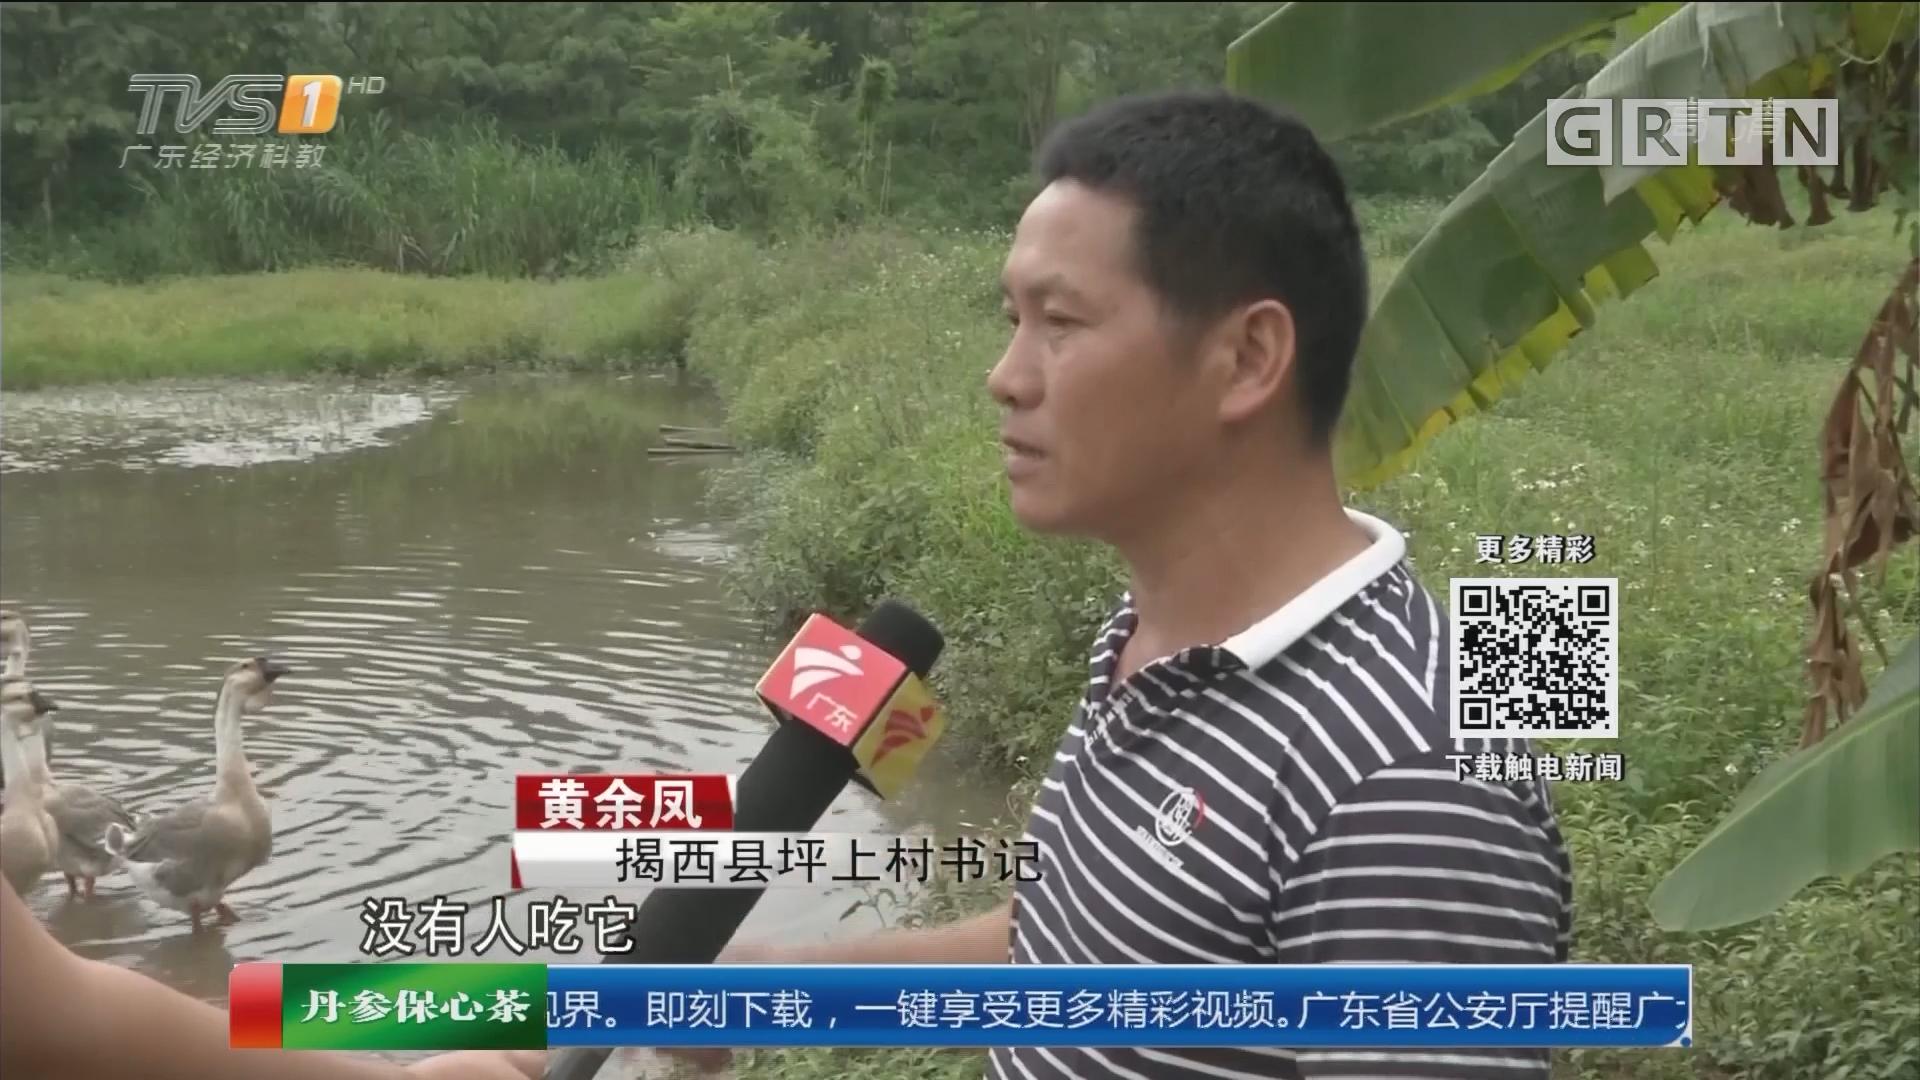 揭阳揭西:鸭子总不翼而飞 原来是大蟒蛇作怪